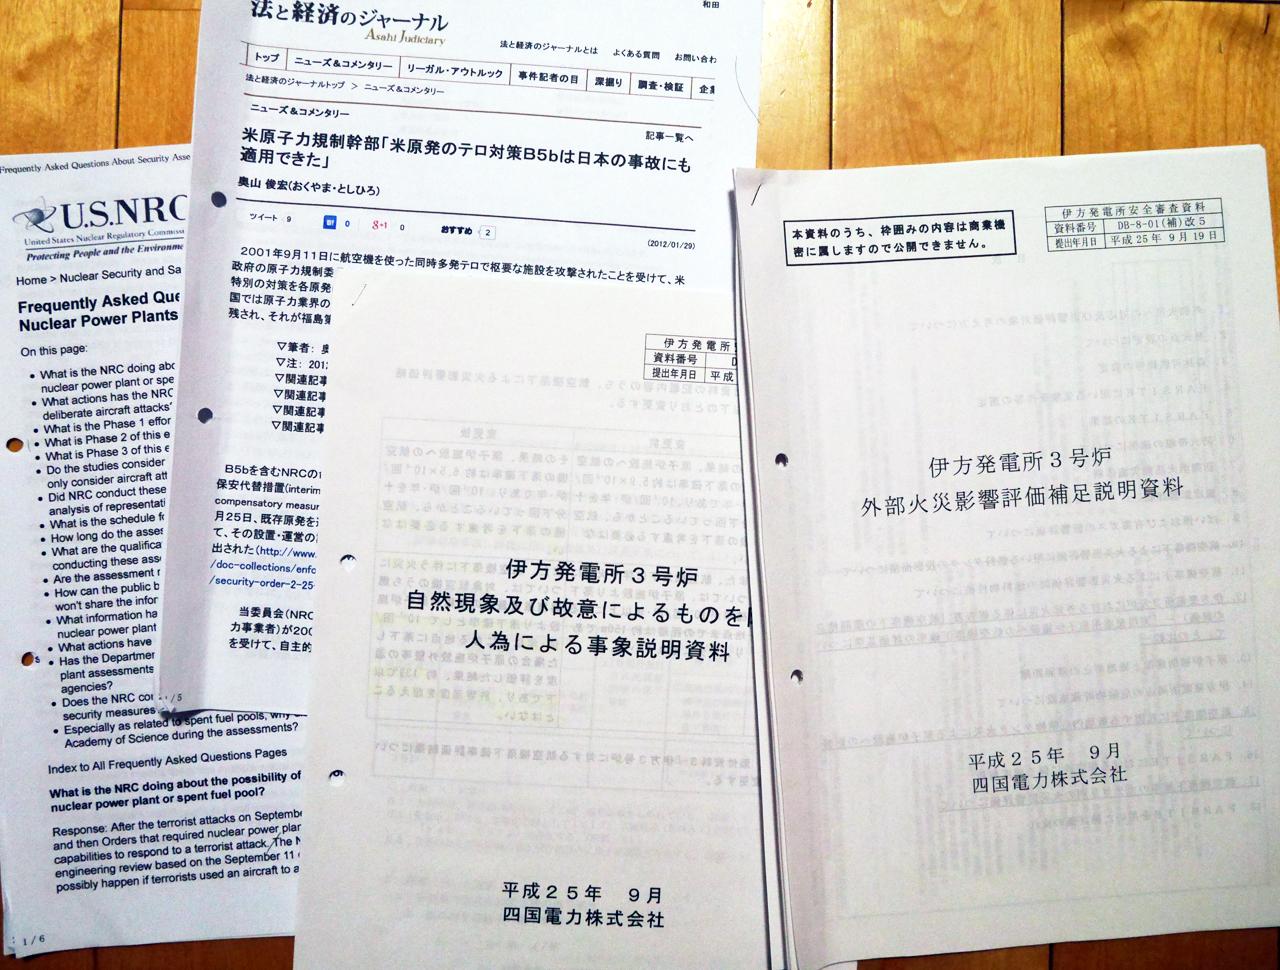 県へ申し入れ・航空機衝突問題と原子力安全対策推進監の態度で